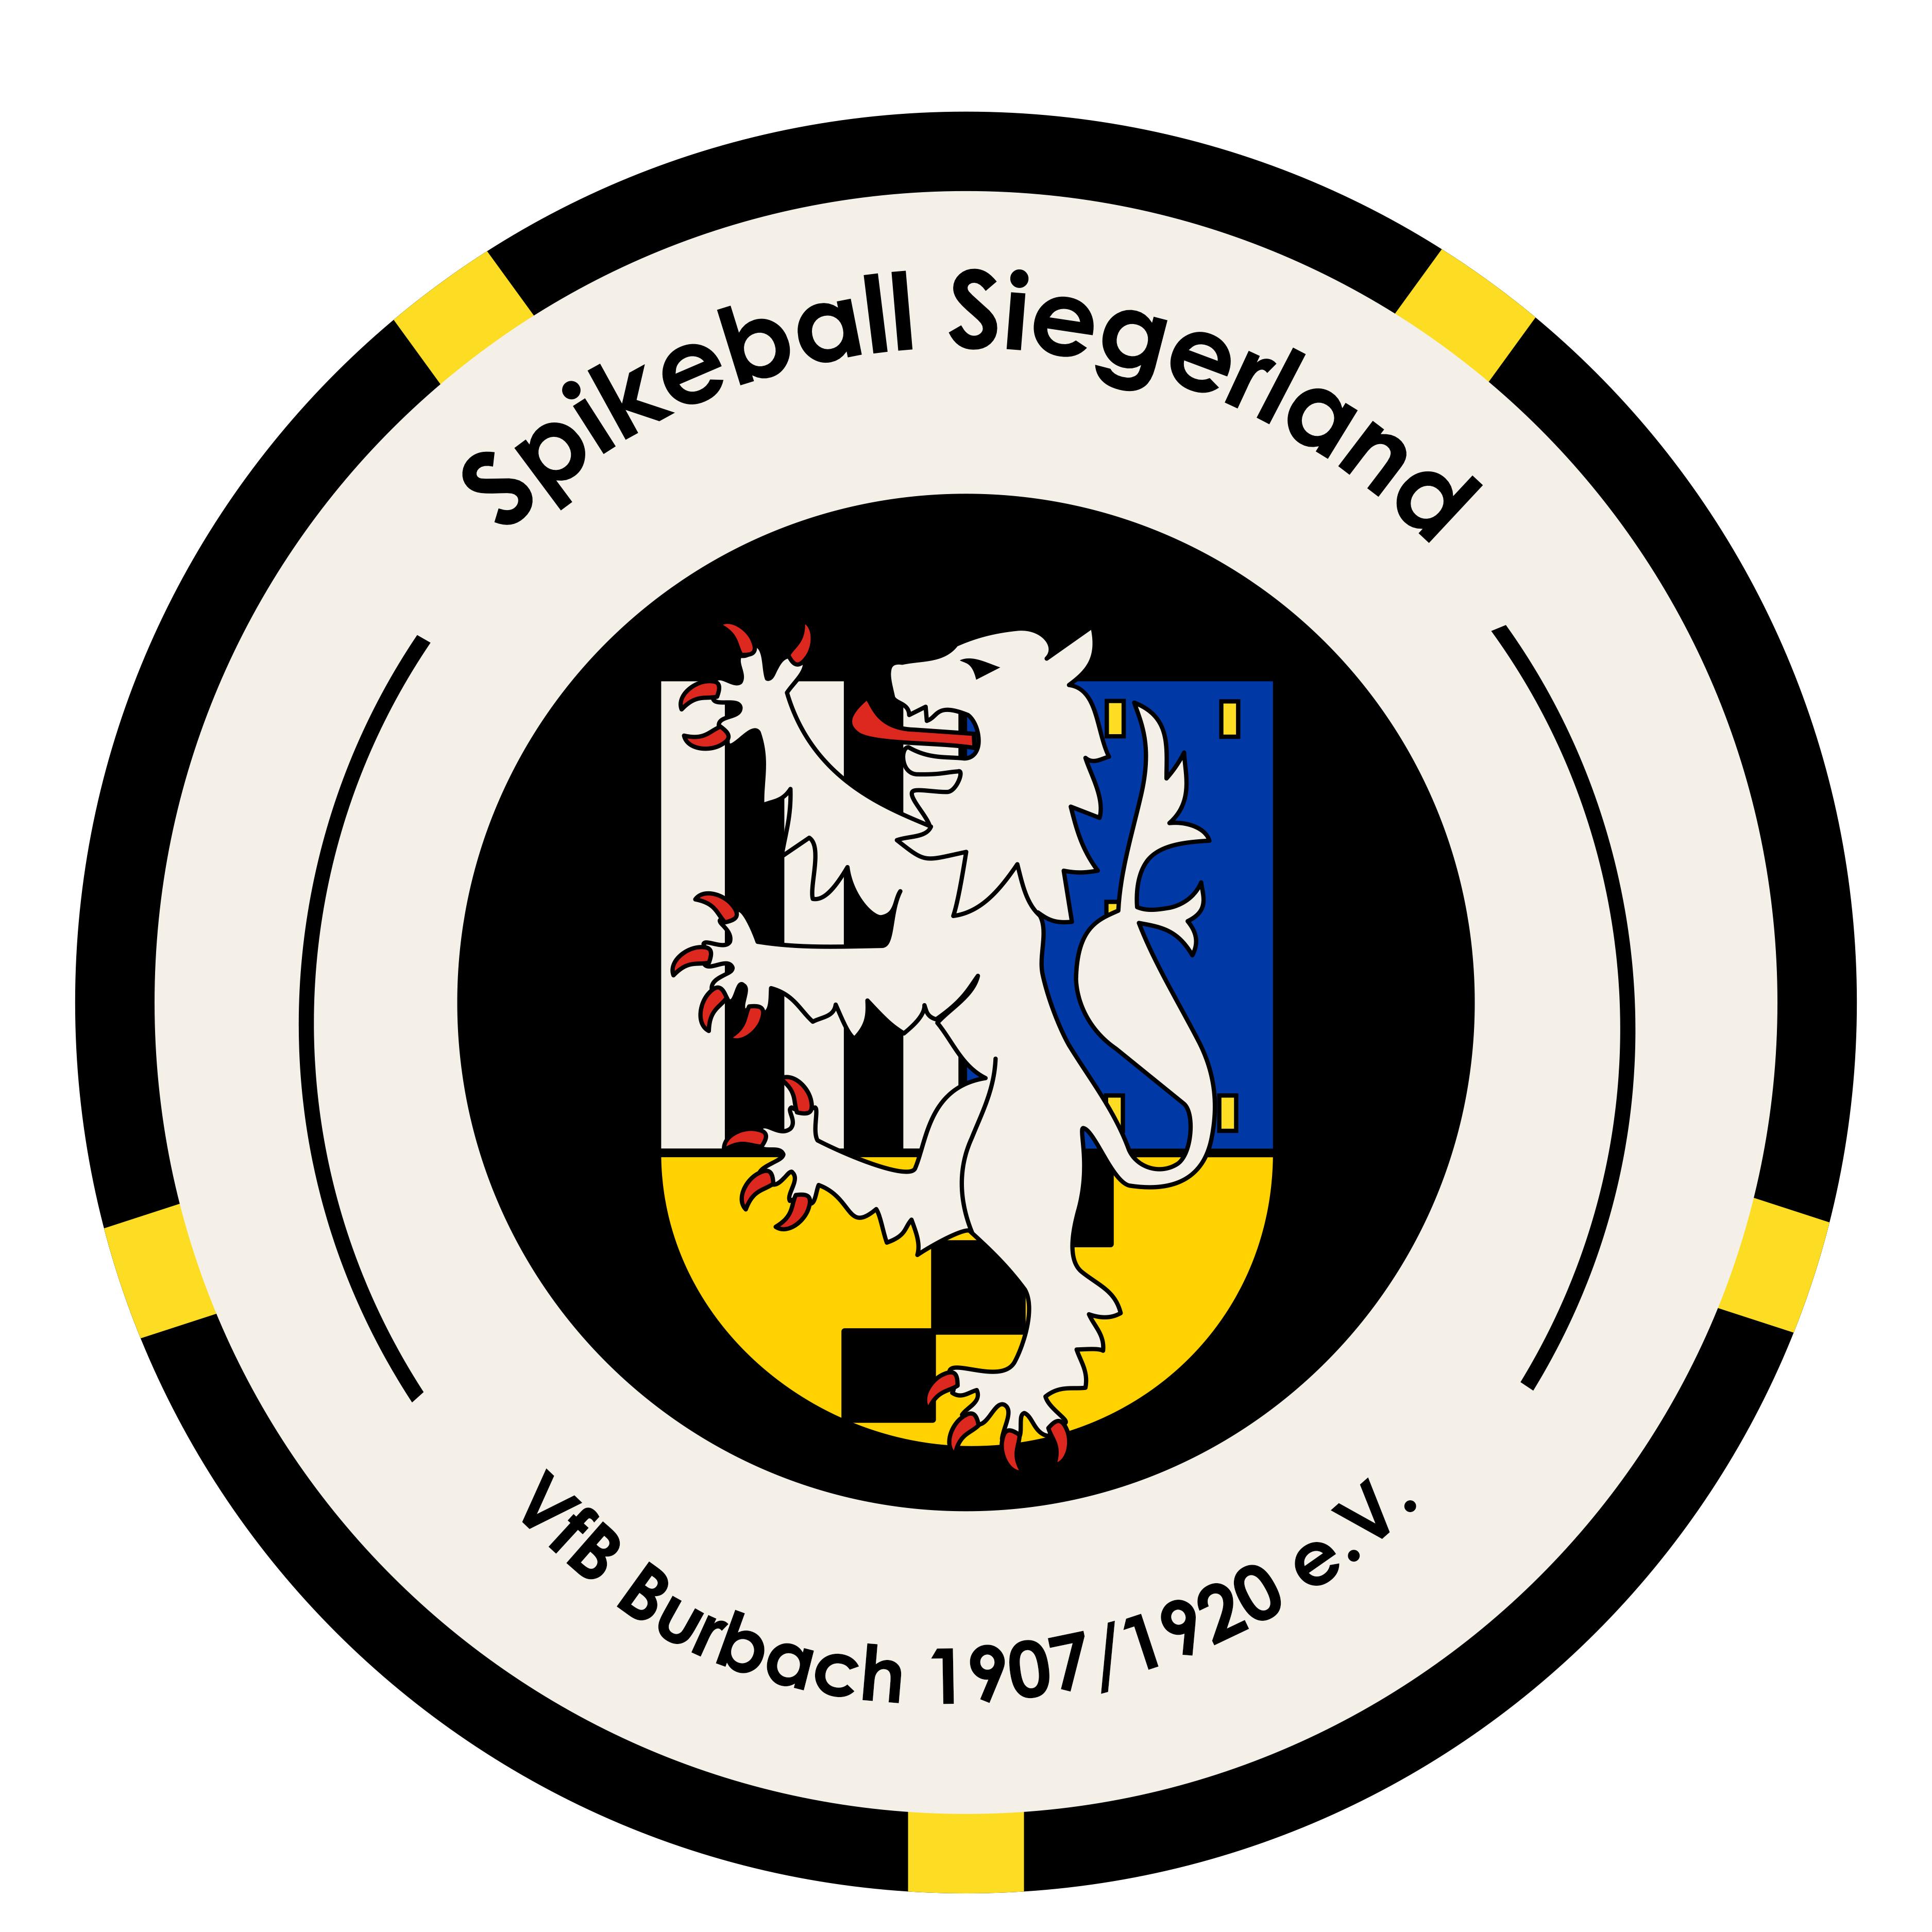 VfB Burbach 1907/1920 e.V. / Abteilung Spikeball